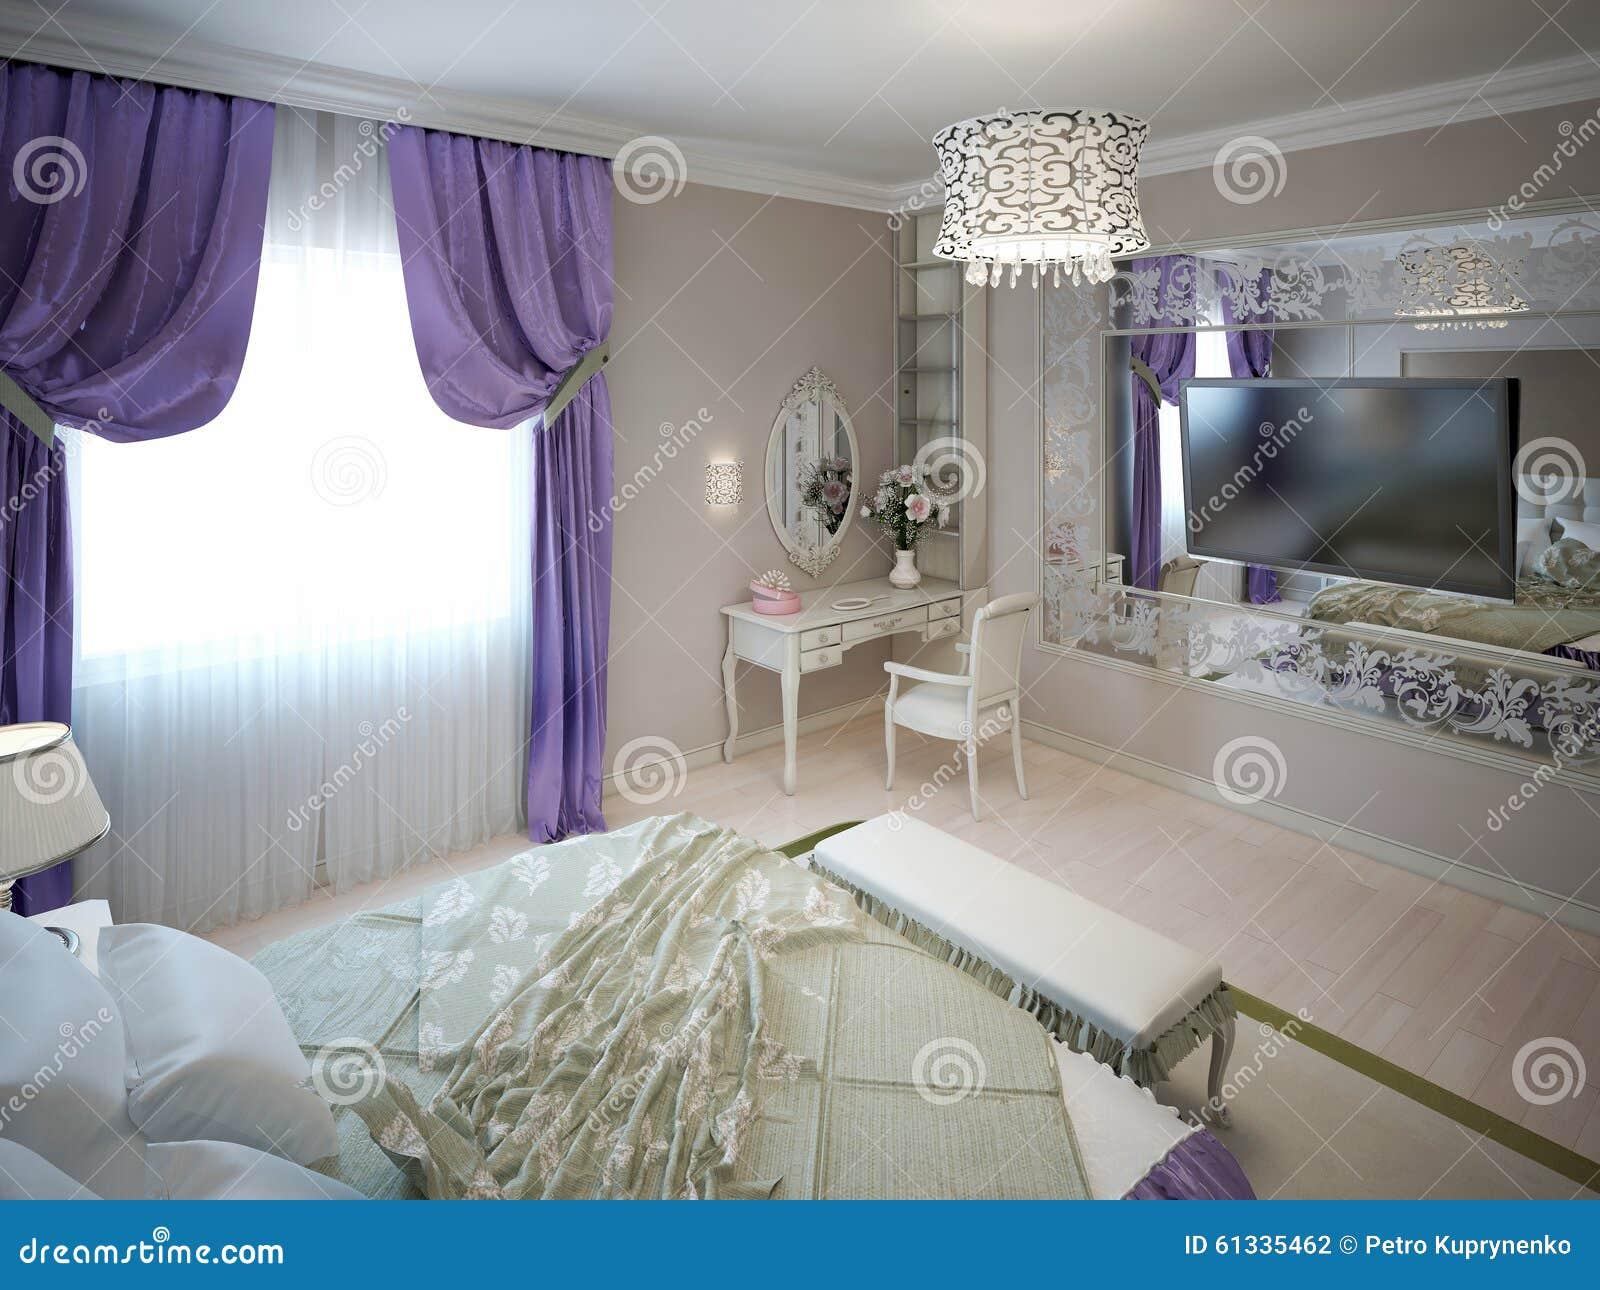 Camere Da Letto Art Deco : Ispirazione per la camera da letto di art deco illustrazione di